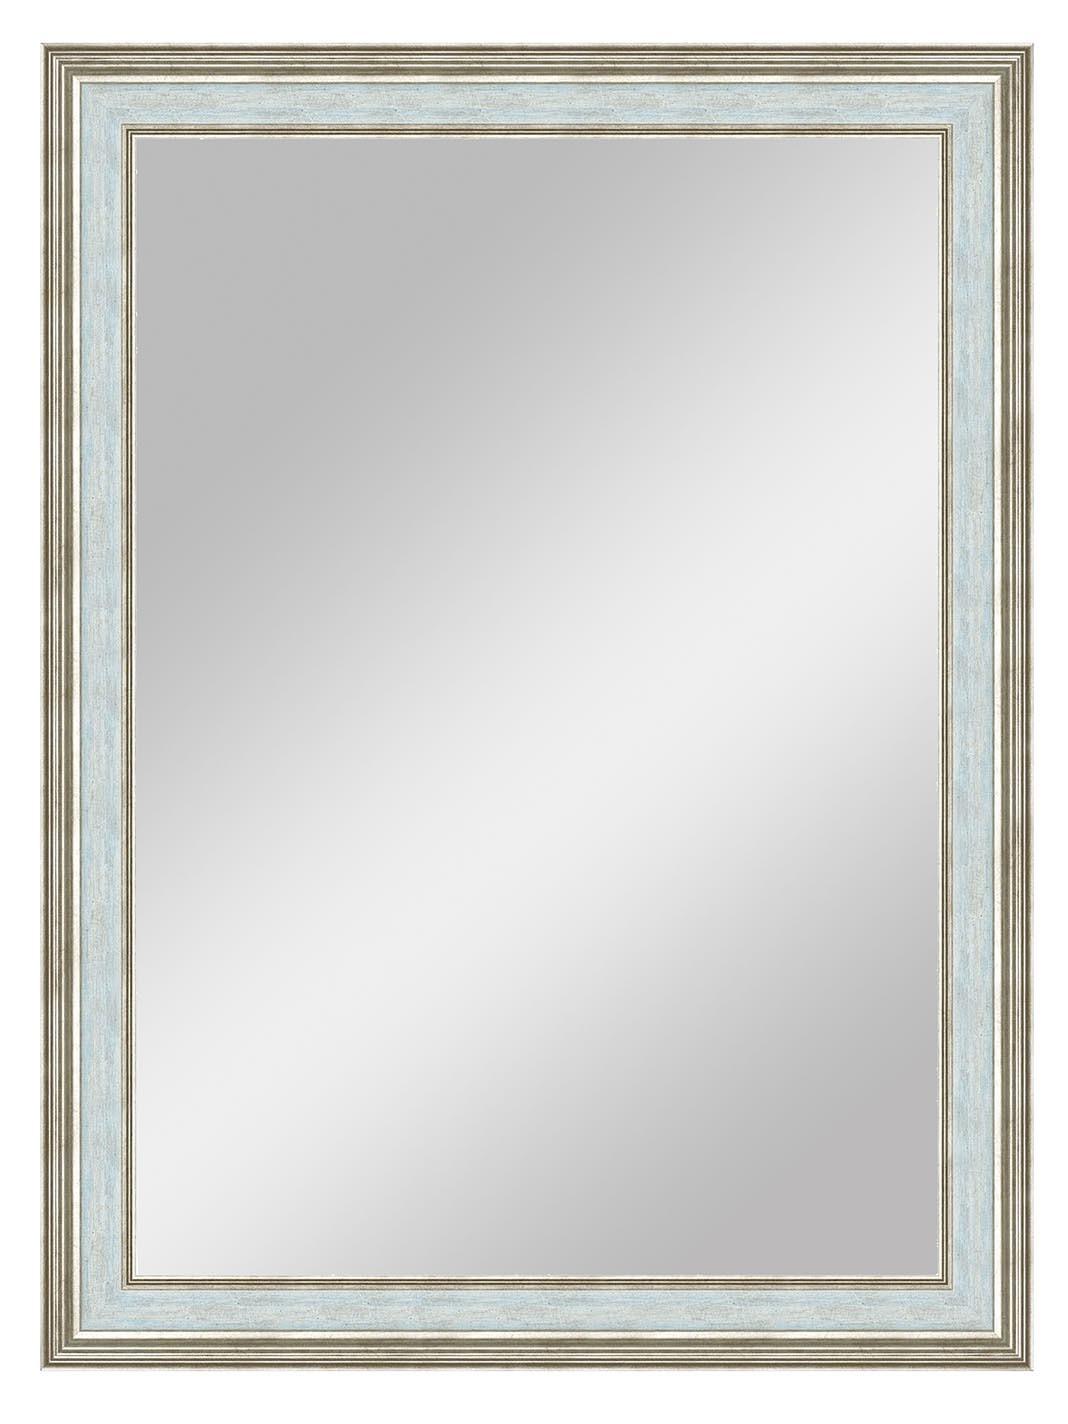 Купить Зеркало Флорес , inmyroom, Россия